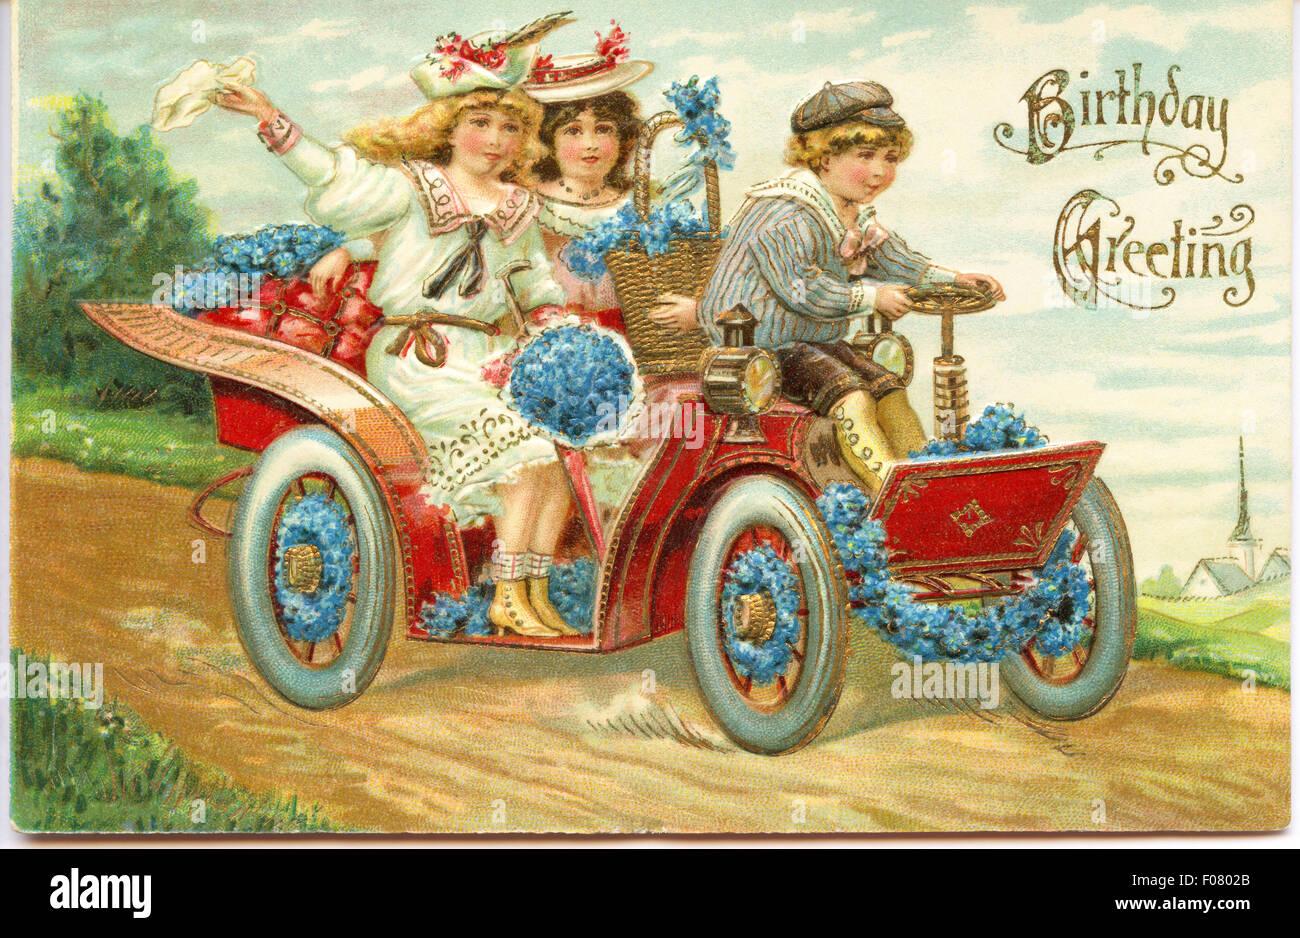 Carte postale ancienne - Joyeux Anniversaire Photo Stock